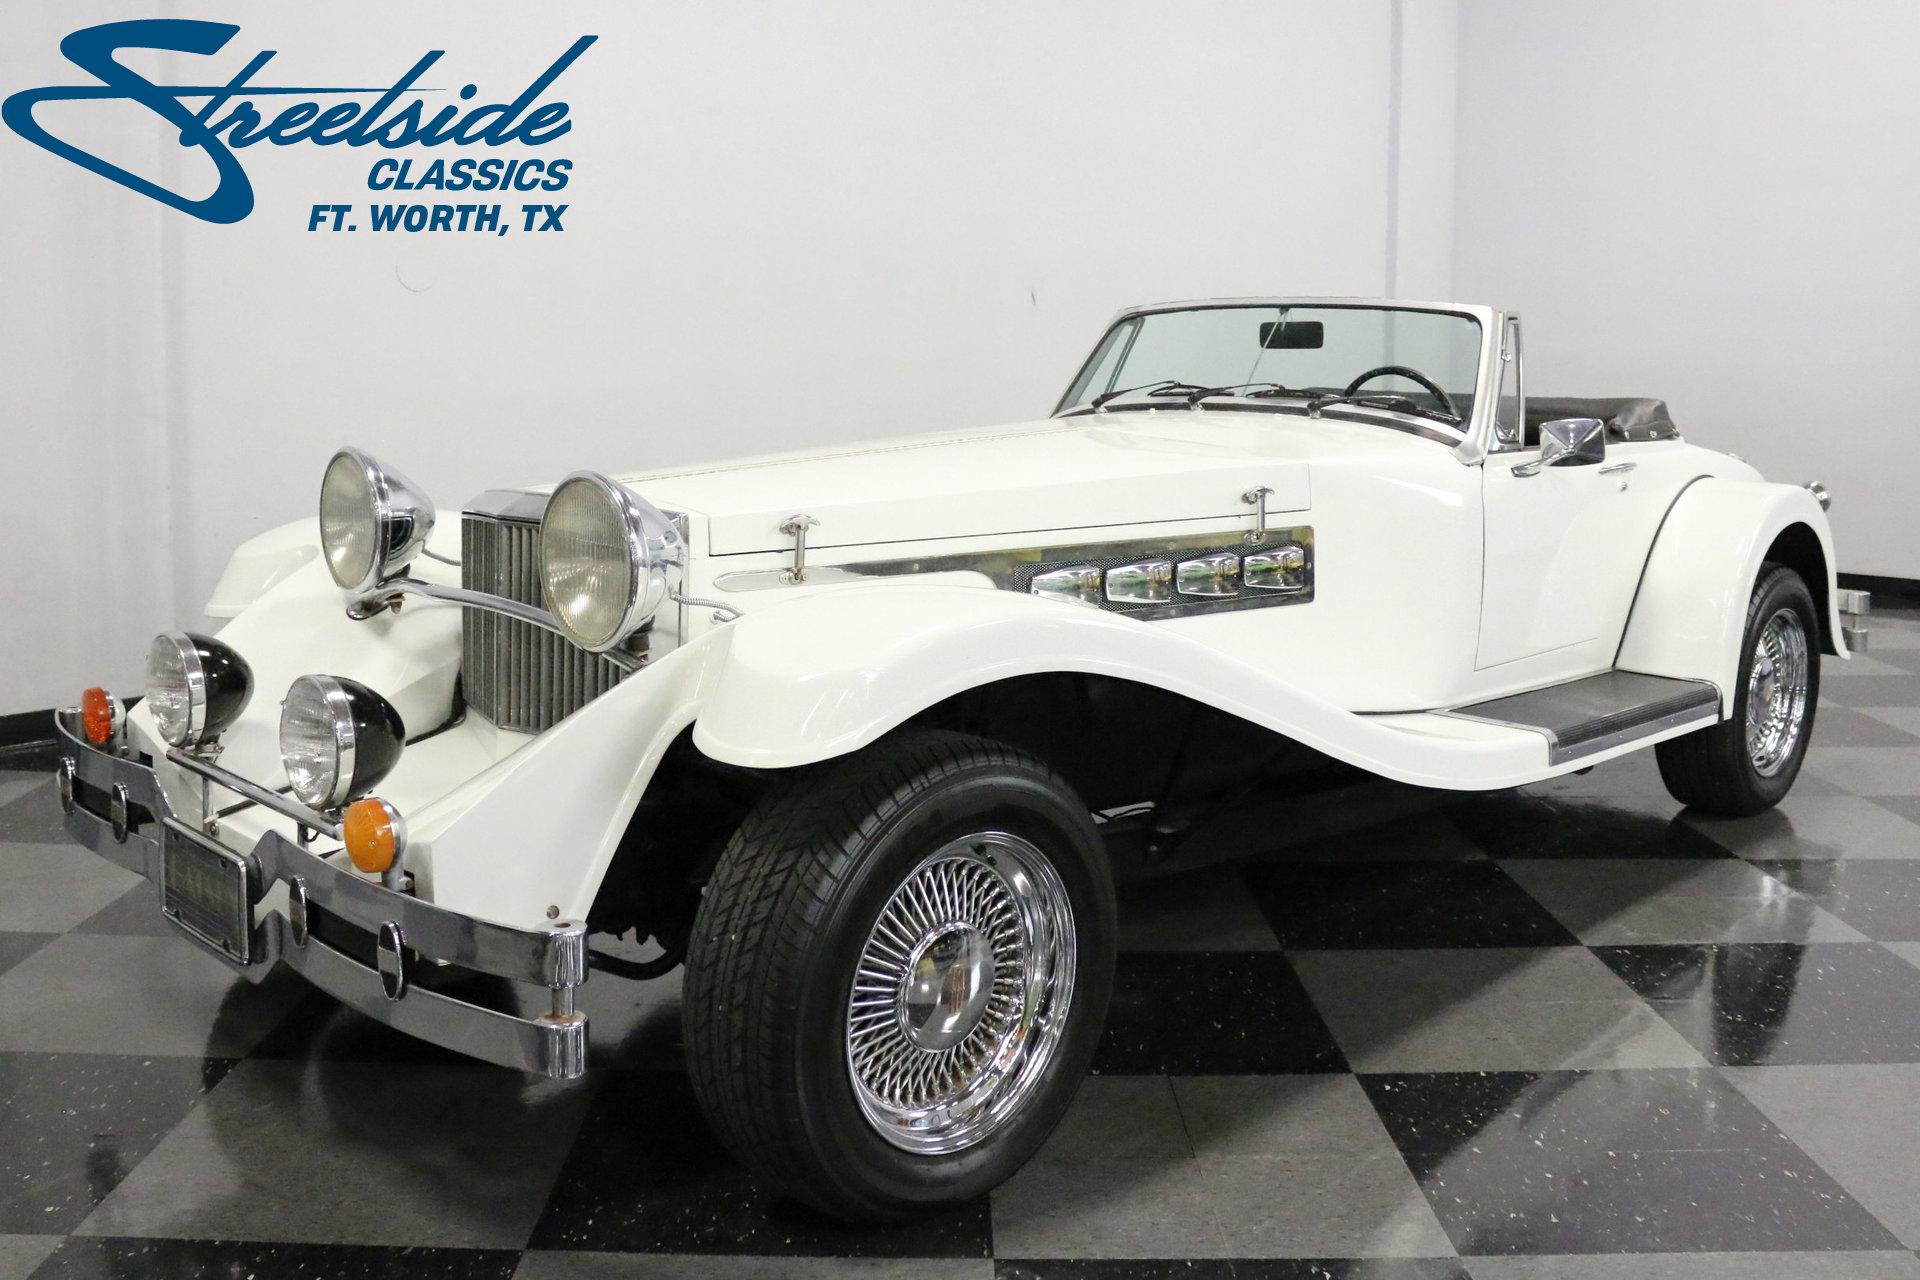 Classic Cars for Sale by Streetside Classics | Autoclassics.com